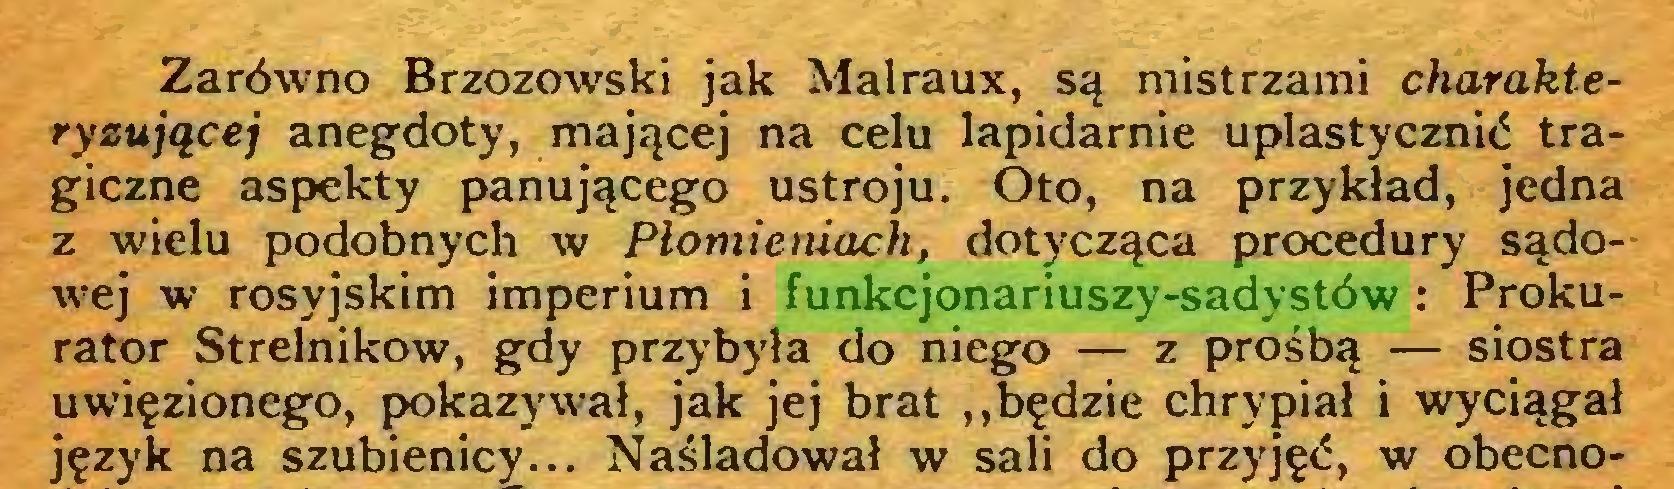 (...) Zarówno Brzozowski jak Malraux, są mistrzami charakteryzującej anegdoty, mającej na celu lapidarnie uplastycznić tragiczne aspekty panującego ustroju. Oto, na przykład, jedna z wielu podobnych w Płomieniach, dotycząca procedury sądowej w rosyjskim imperium i funkcjonariuszy-sadystów : Prokurator Strelnikow, gdy przybyła do niego — z prośbą — siostra uwięzionego, pokazywał, jak jej brat ,,będzie chrypiał i wyciągał język na szubienicy... Naśladował w sali do przyjęć, w obecno...